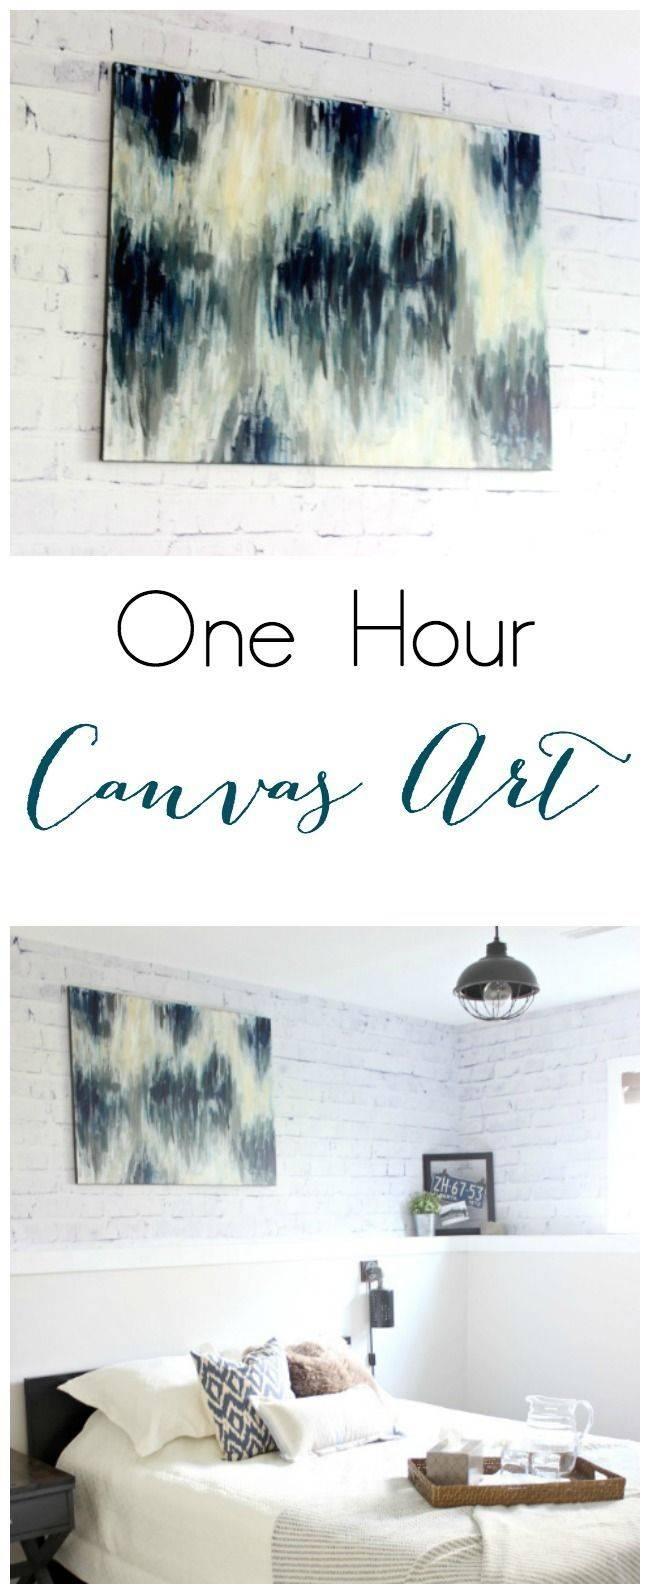 25+ Unique Diy Canvas Ideas On Pinterest | Diy Canvas Art, Puff Pertaining To 2018 Diy Pinterest Canvas Art (View 8 of 25)